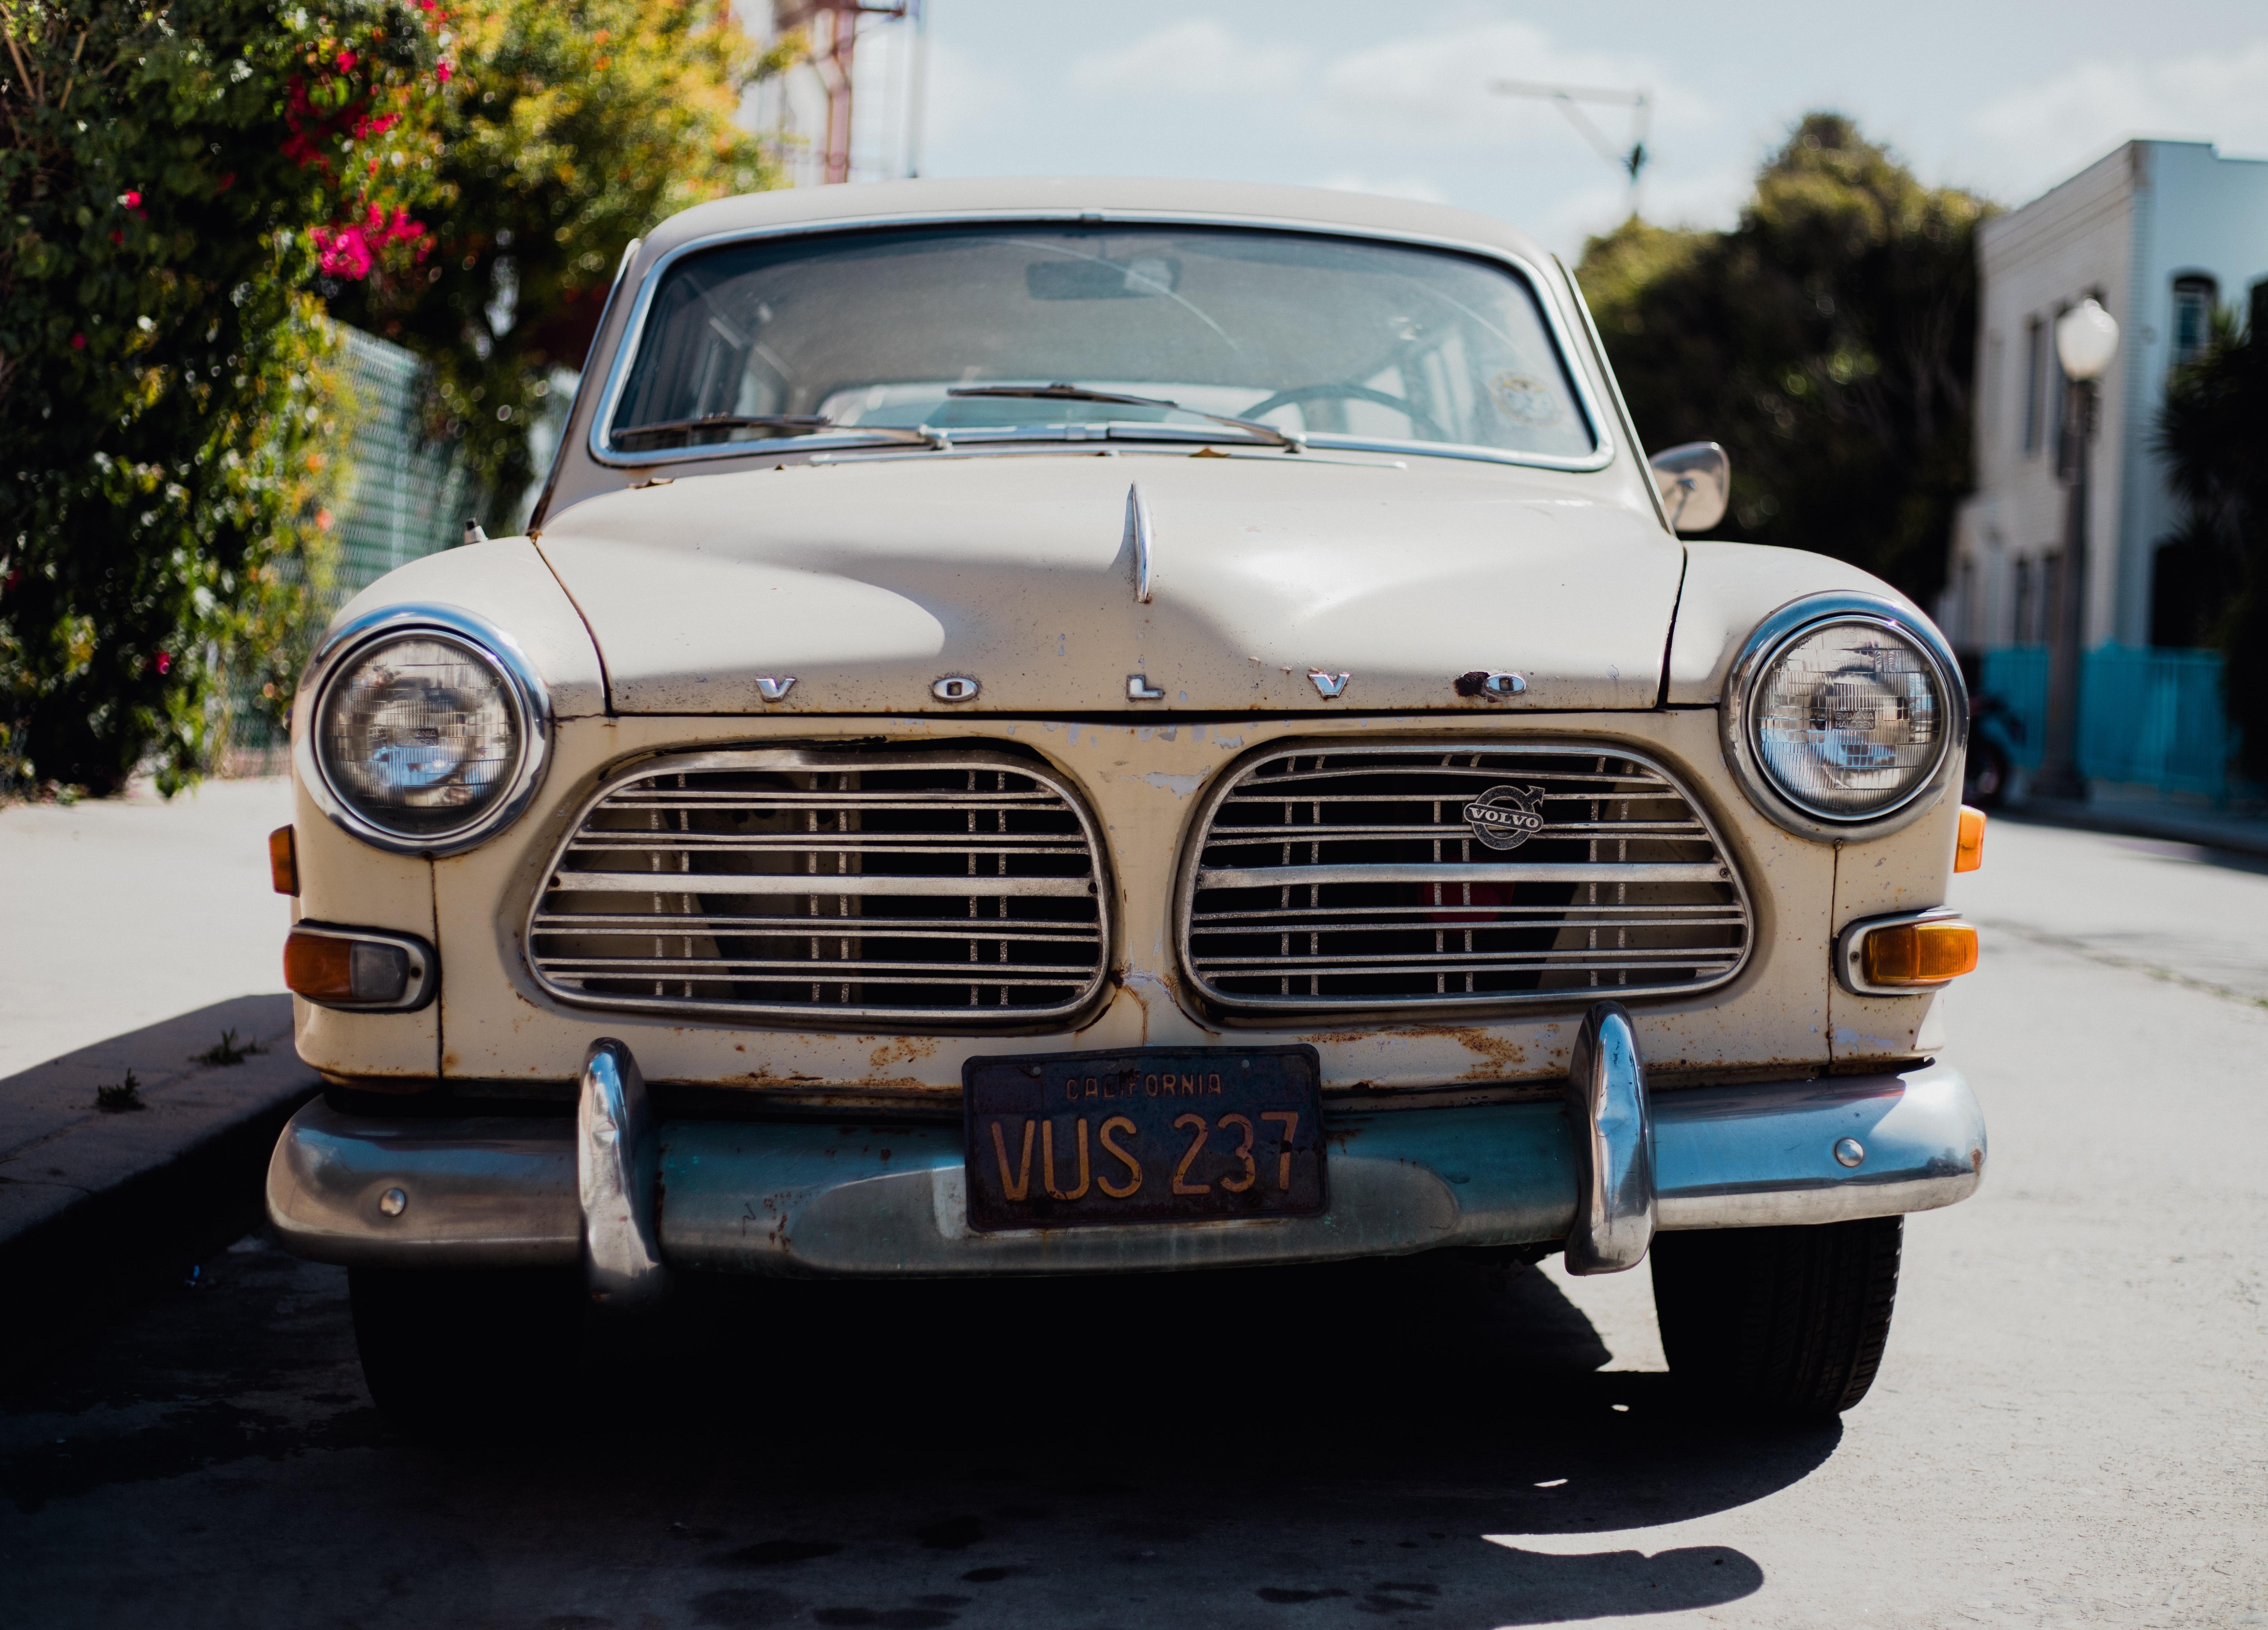 94 Koleksi Gambar Mobil Sedan Volvo Terbaik